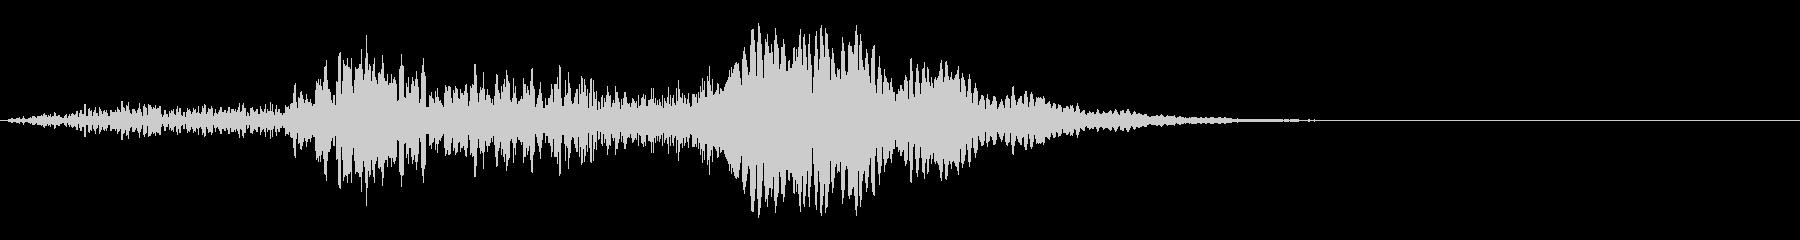 ホラーな演出に 33の未再生の波形